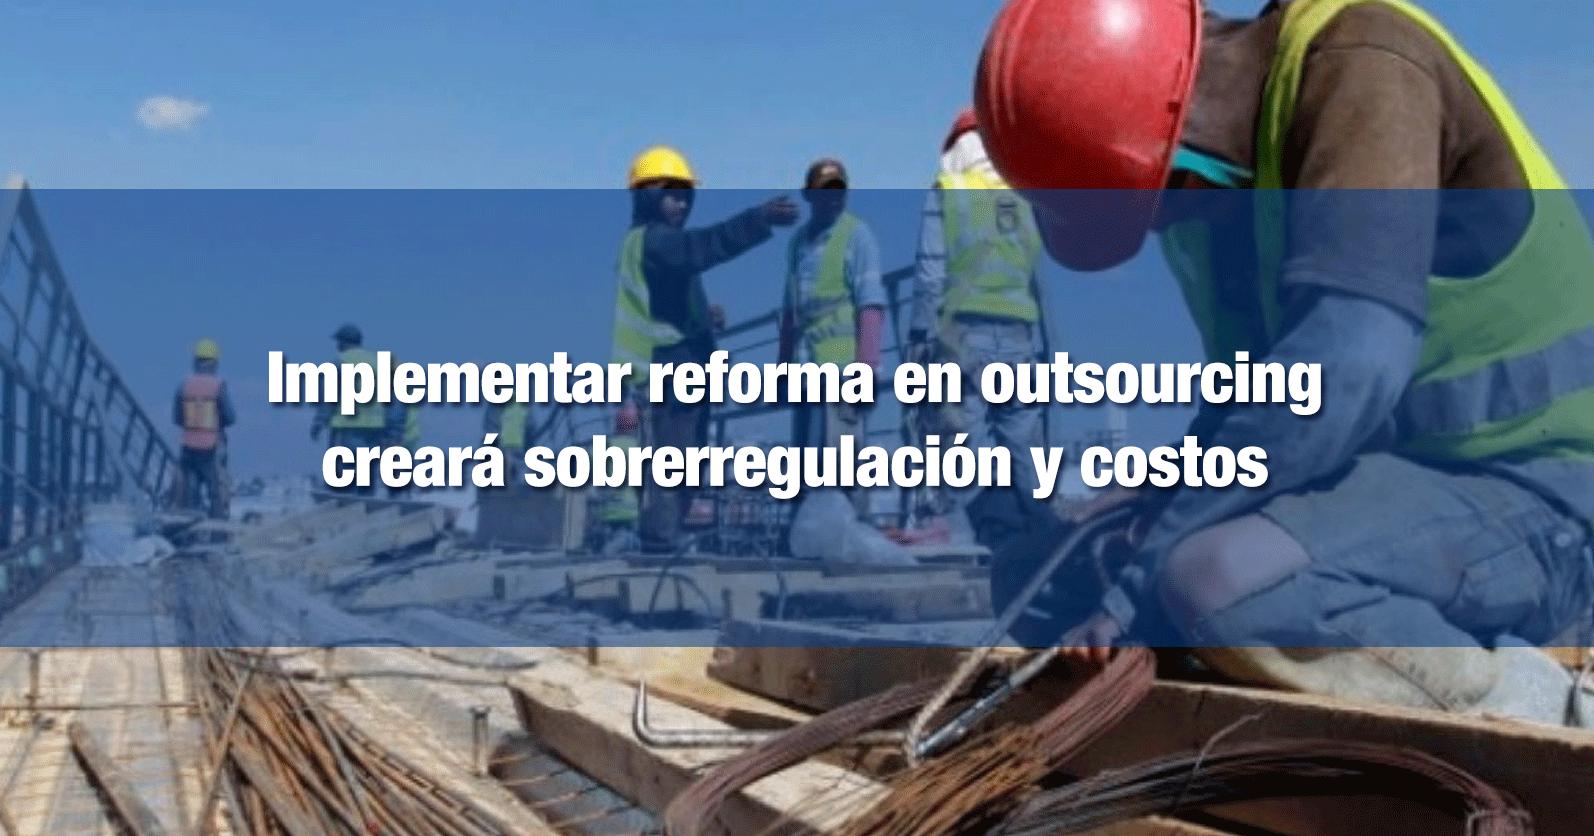 Implementar reforma en outsourcing creará sobrerregulación y costos